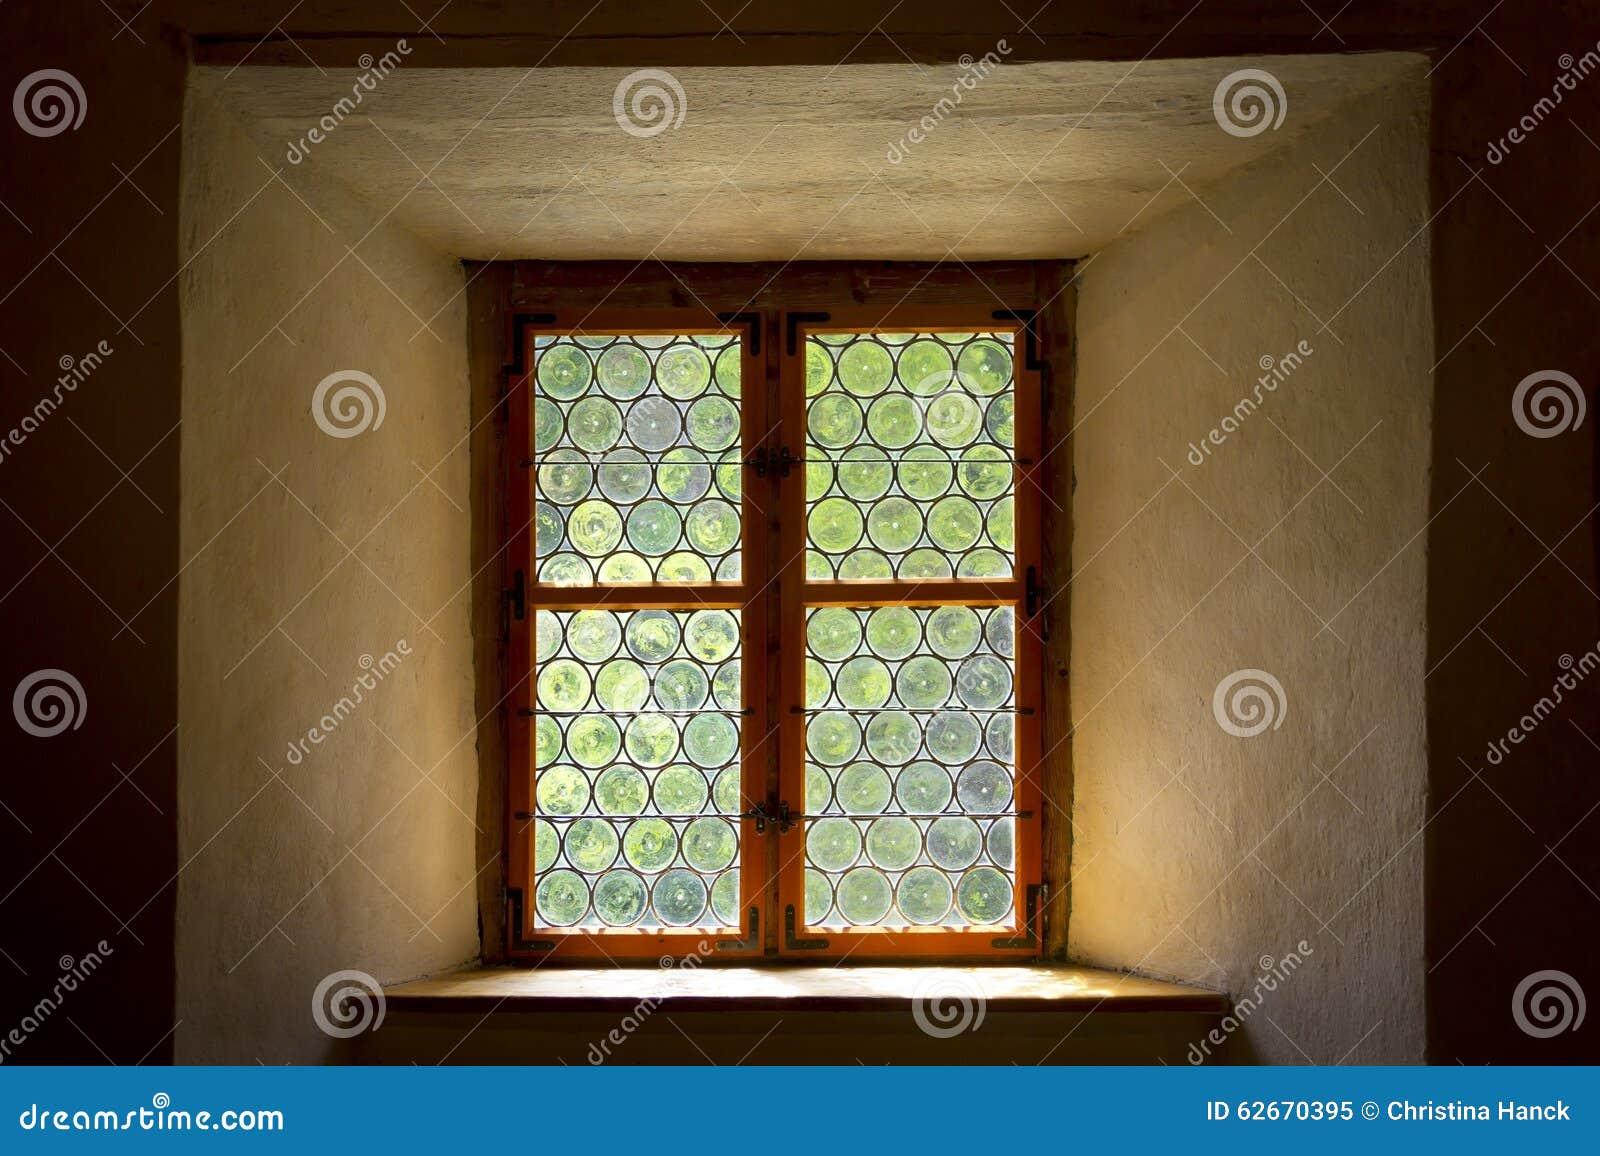 Ιστορικό μολυβδούχο ή λεκιασμένο παράθυρο γυαλιού